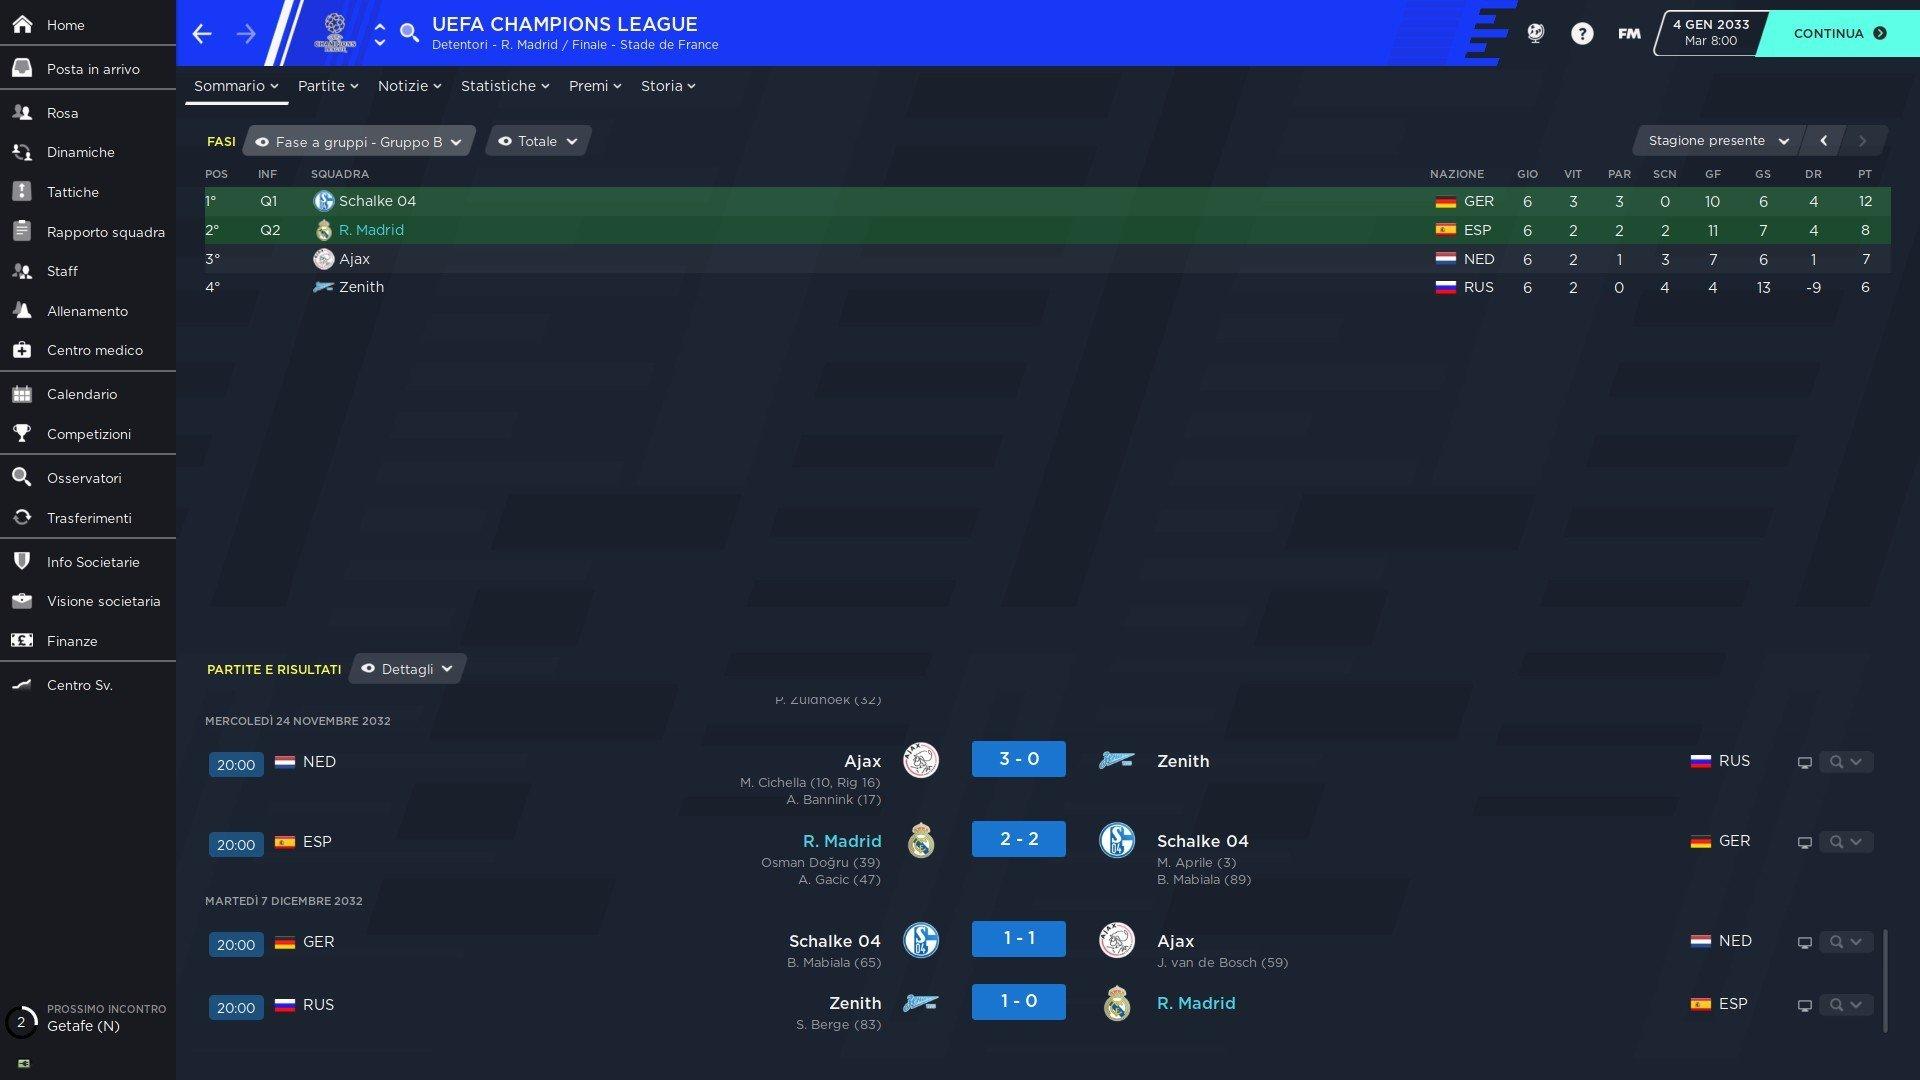 3 gironi champions